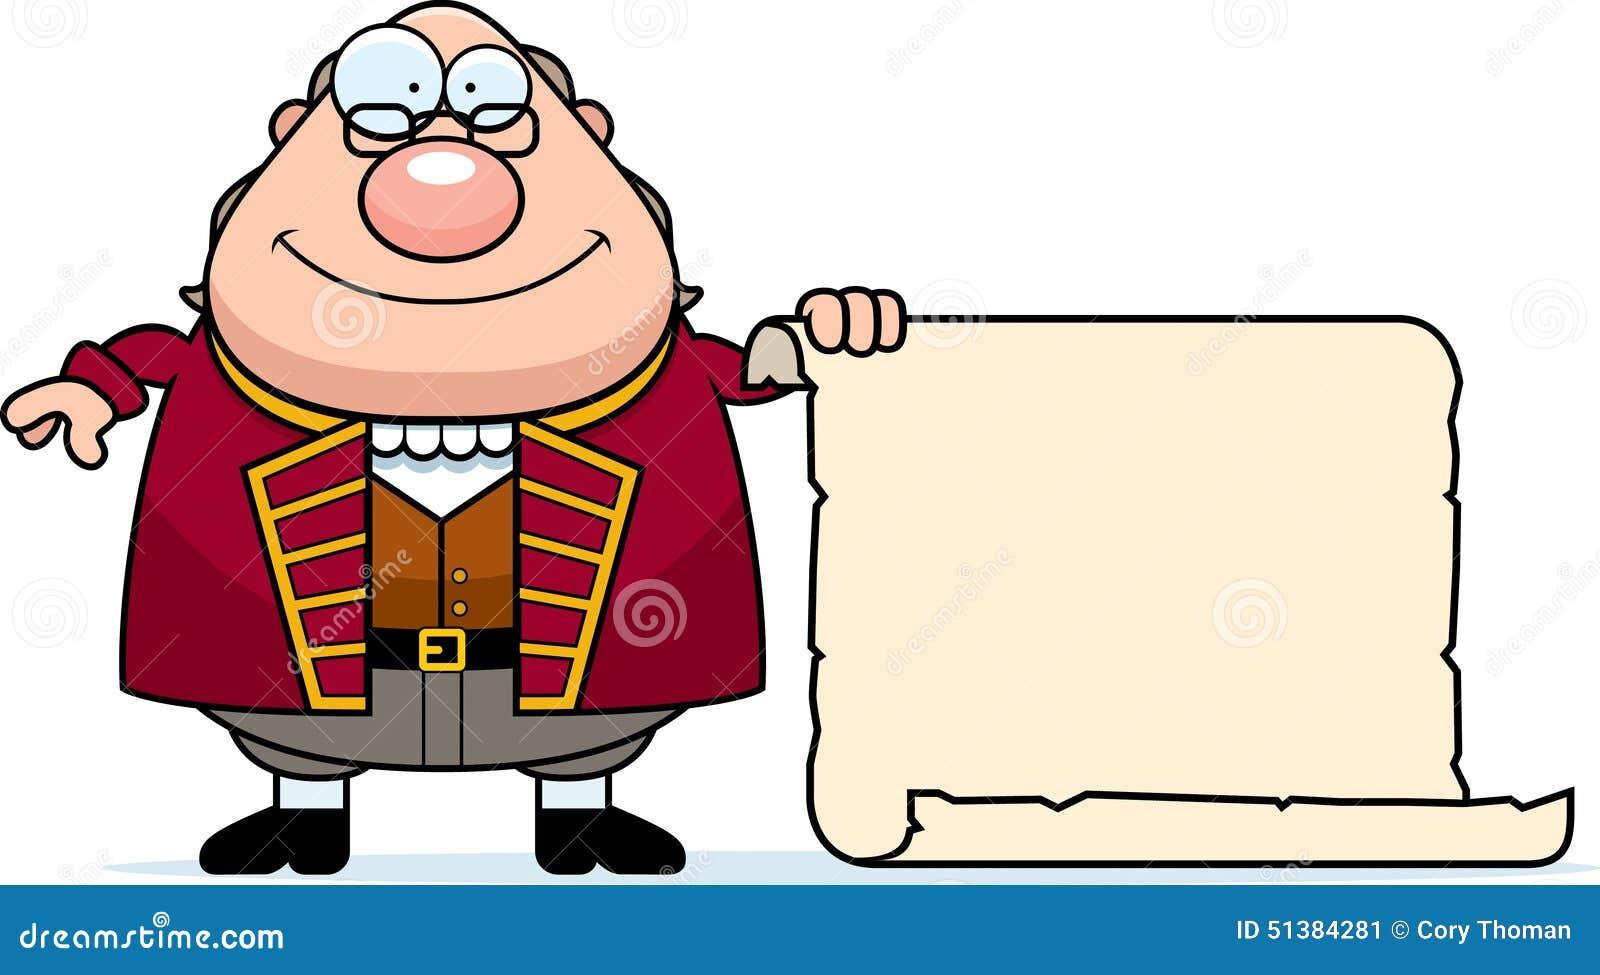 Uncategorized Cartoon Franklin cartoon ben franklin parchment stock vector image 51384281 parchment